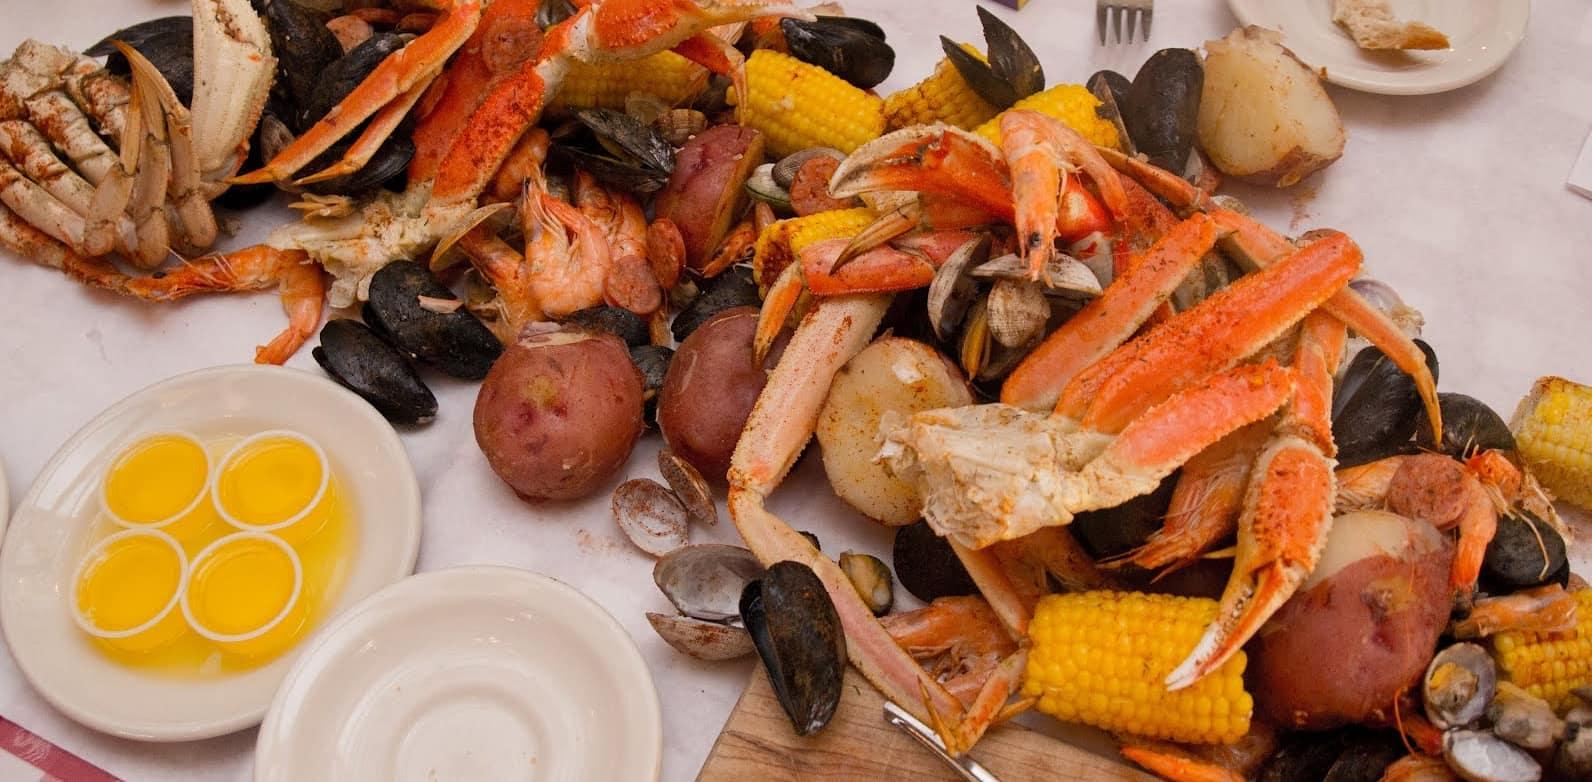 Caranguejo Gigante em Seattle: servido inteiro com batatas, milho e frutos do mar.